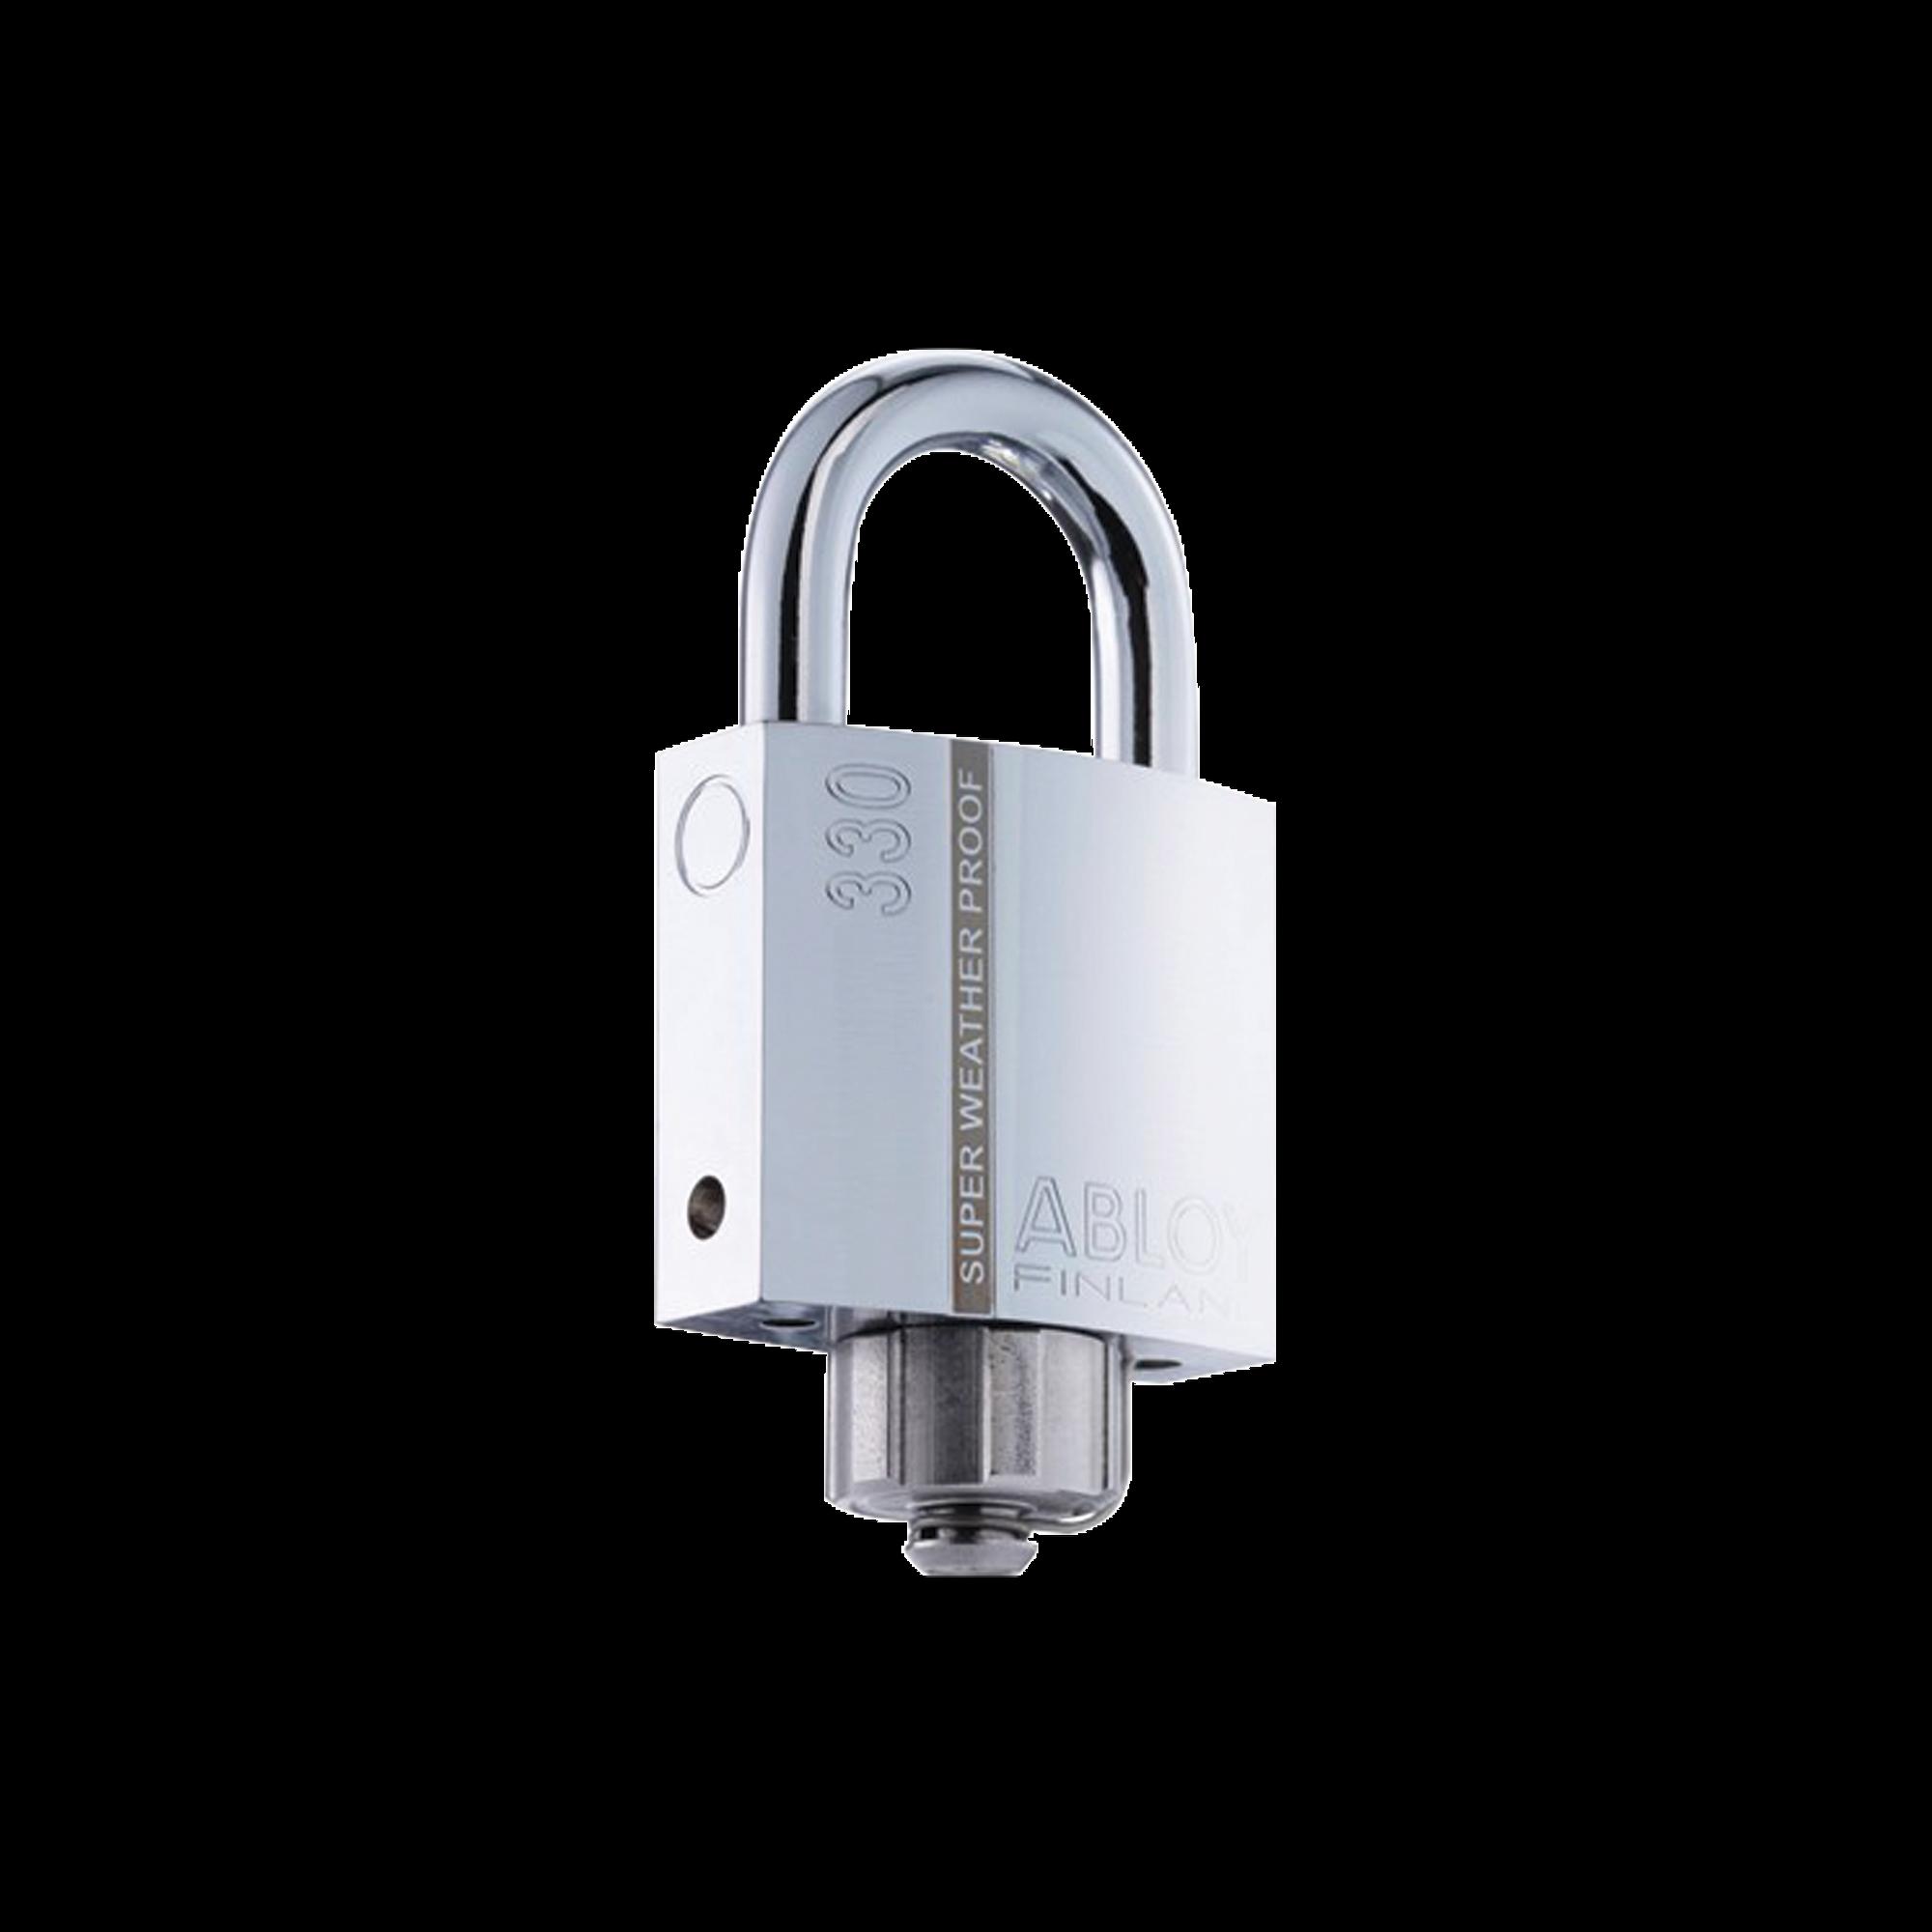 Candado Abloy / Grado 3 de Seguridad / Arco de 50 mm / Tapa Protectora / Sello Impermeable